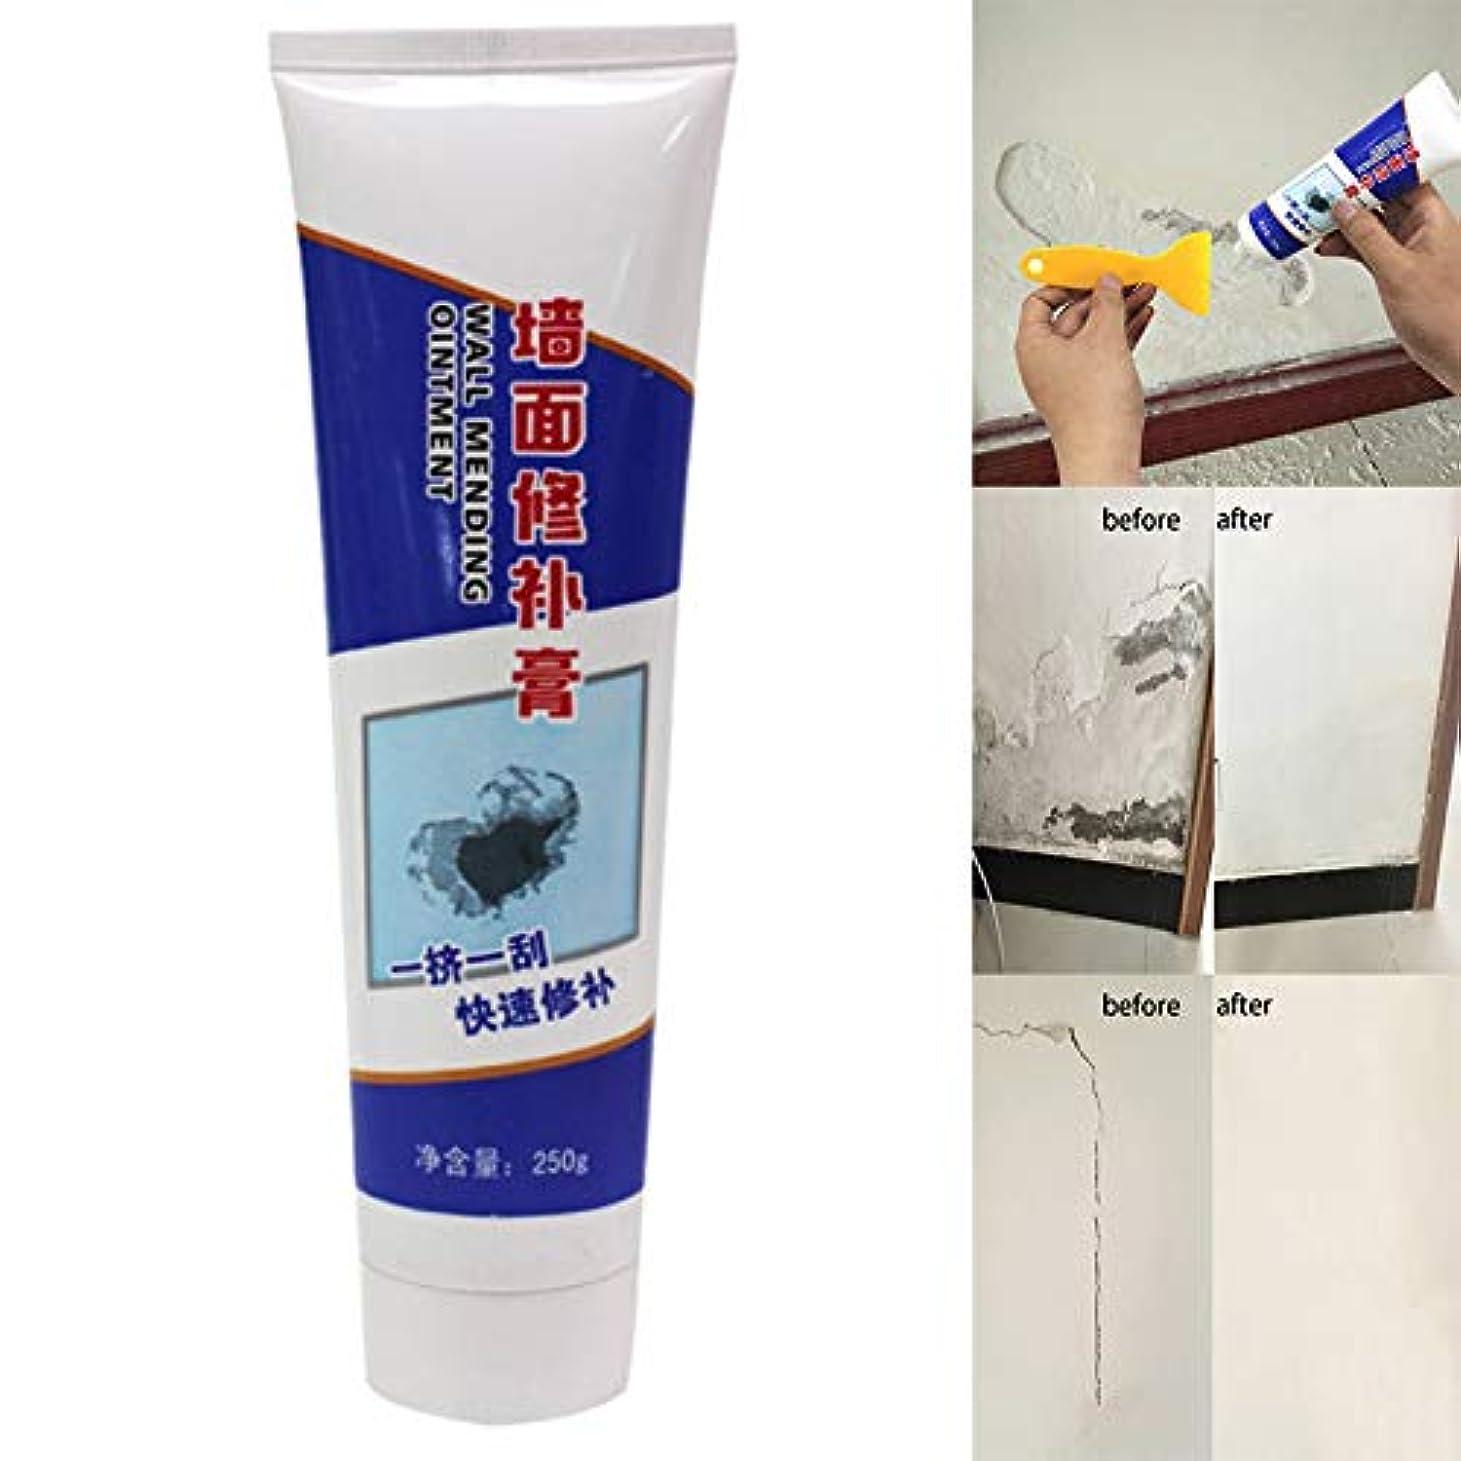 ライバル欠伸ナプキンAylincool壁修理クリーム、壁亀裂修理クリーム、ラテックスペースト防水非腐食性ホルムアルデヒドペーストラテックス